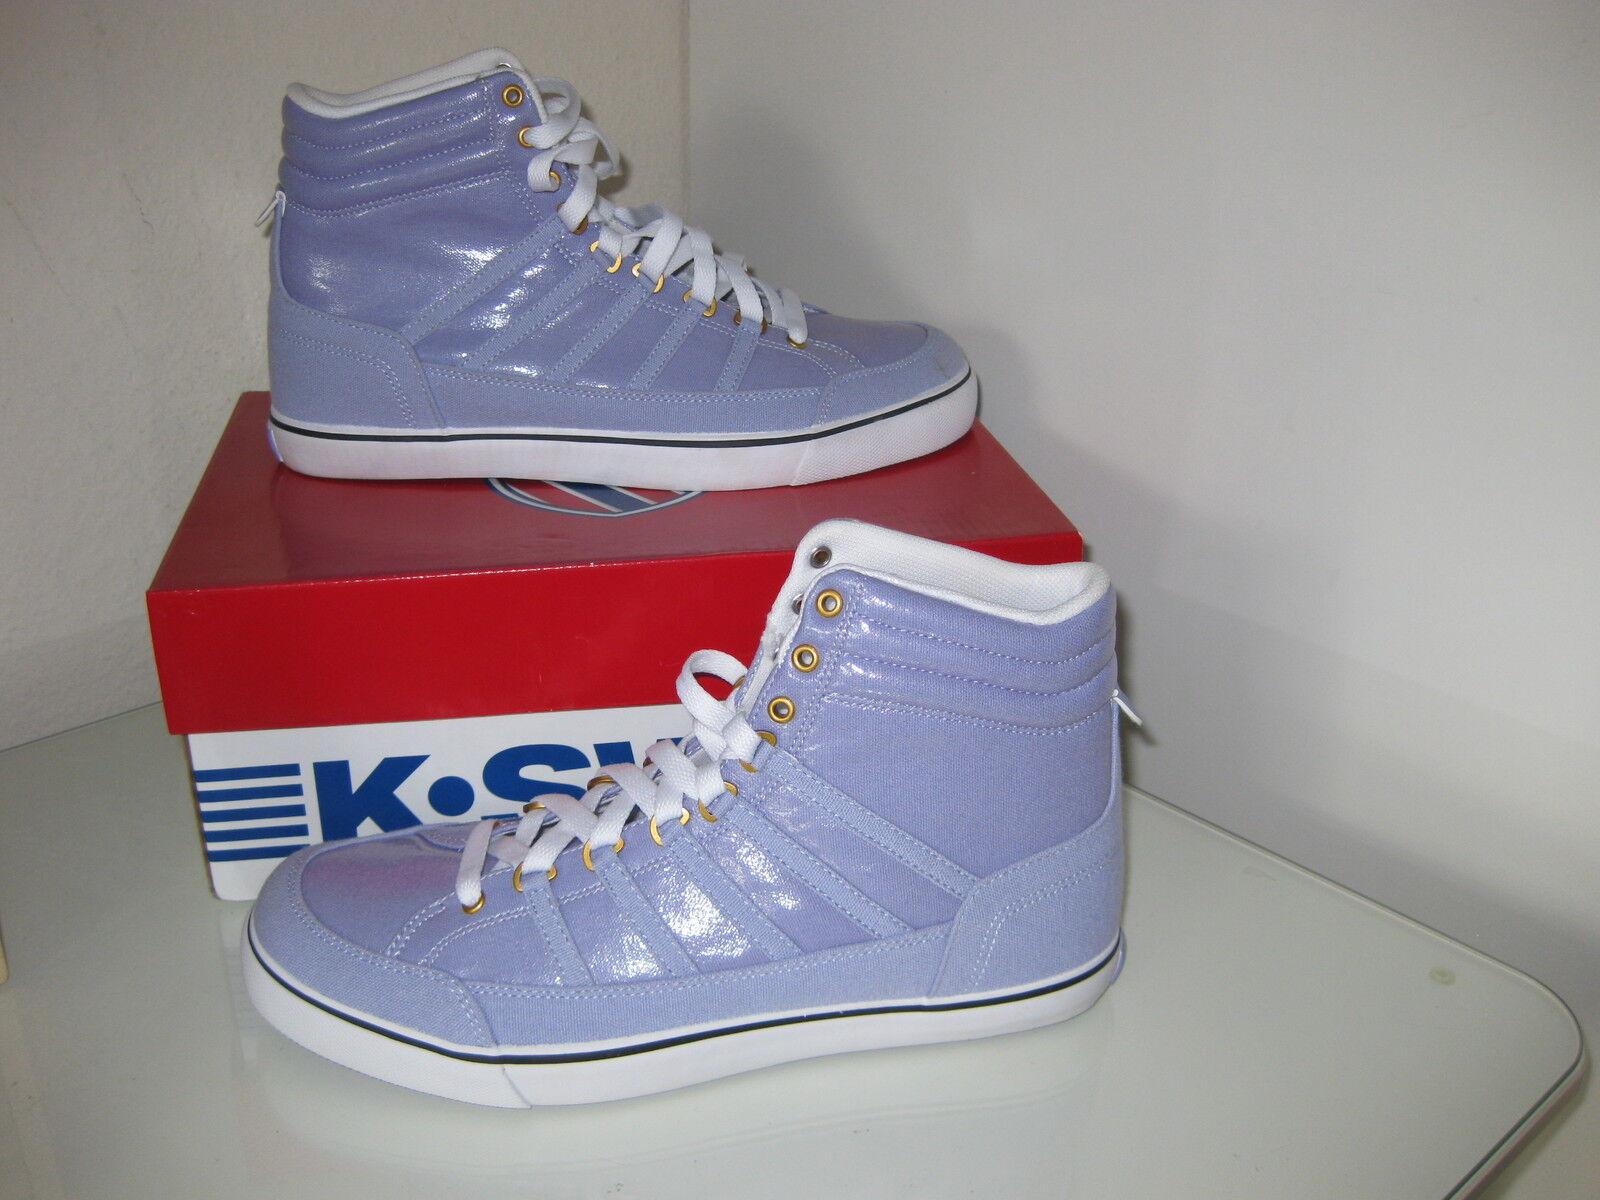 K-Swiss Damen Chucks Schuhe Sneakers Gr.40 Turnschuhe Chucks Damen Canvas 92436504 NEU 346854